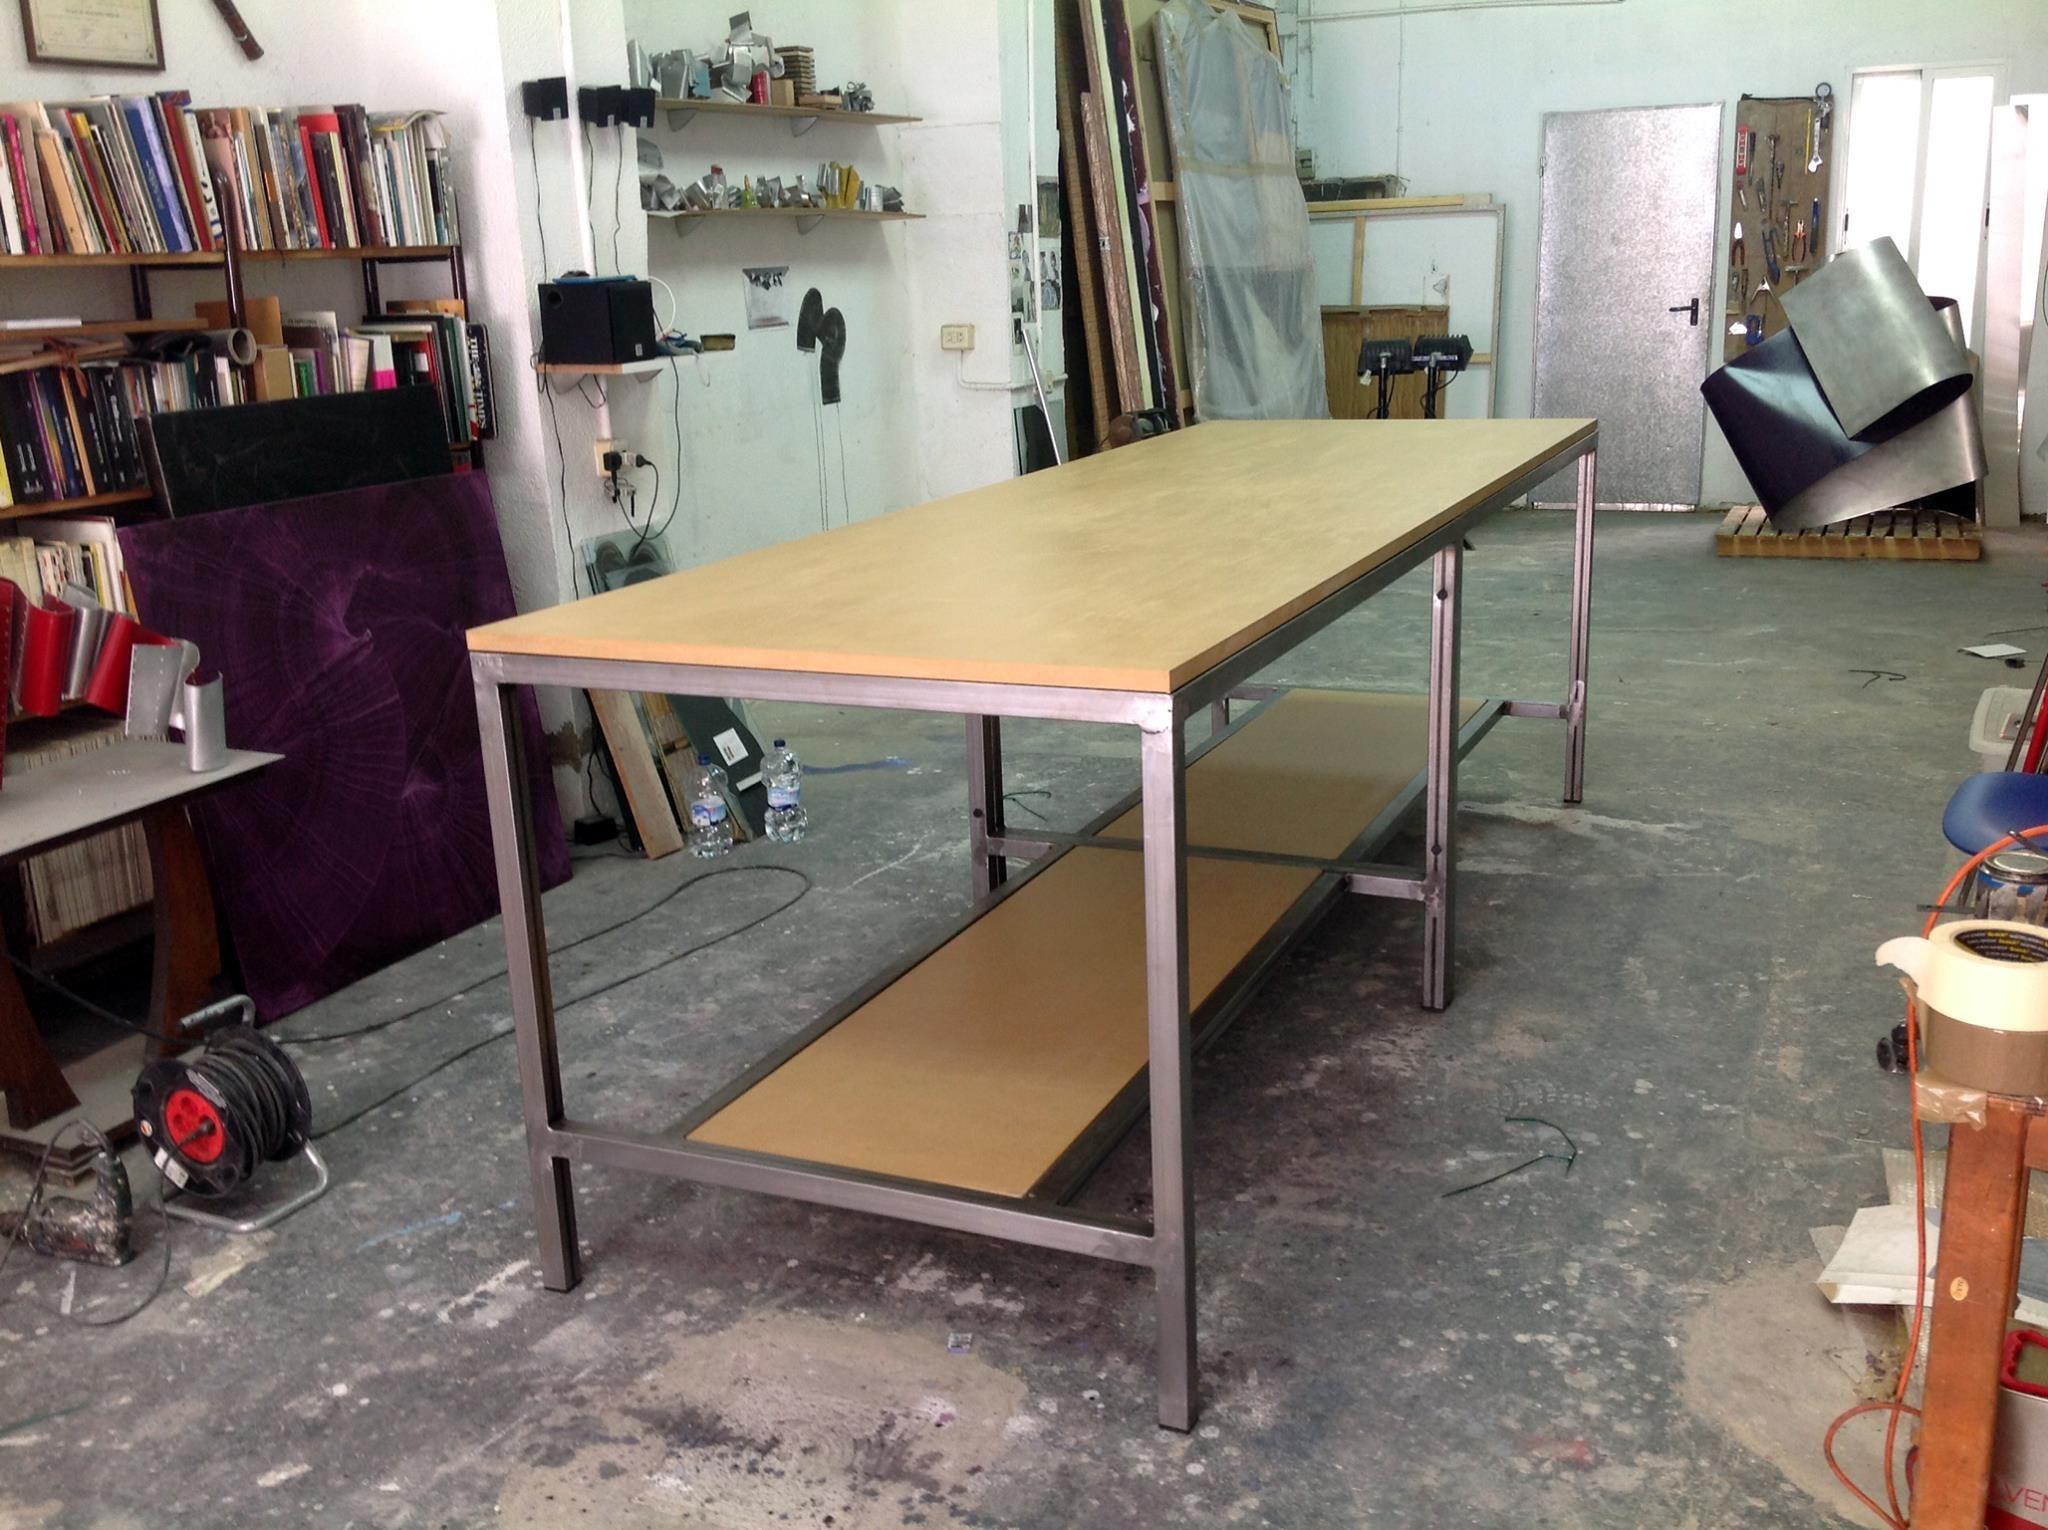 Mesa Eme De Moix Banco De Trabajo Para Estudio De Artista En La  # Muebles Cumelen